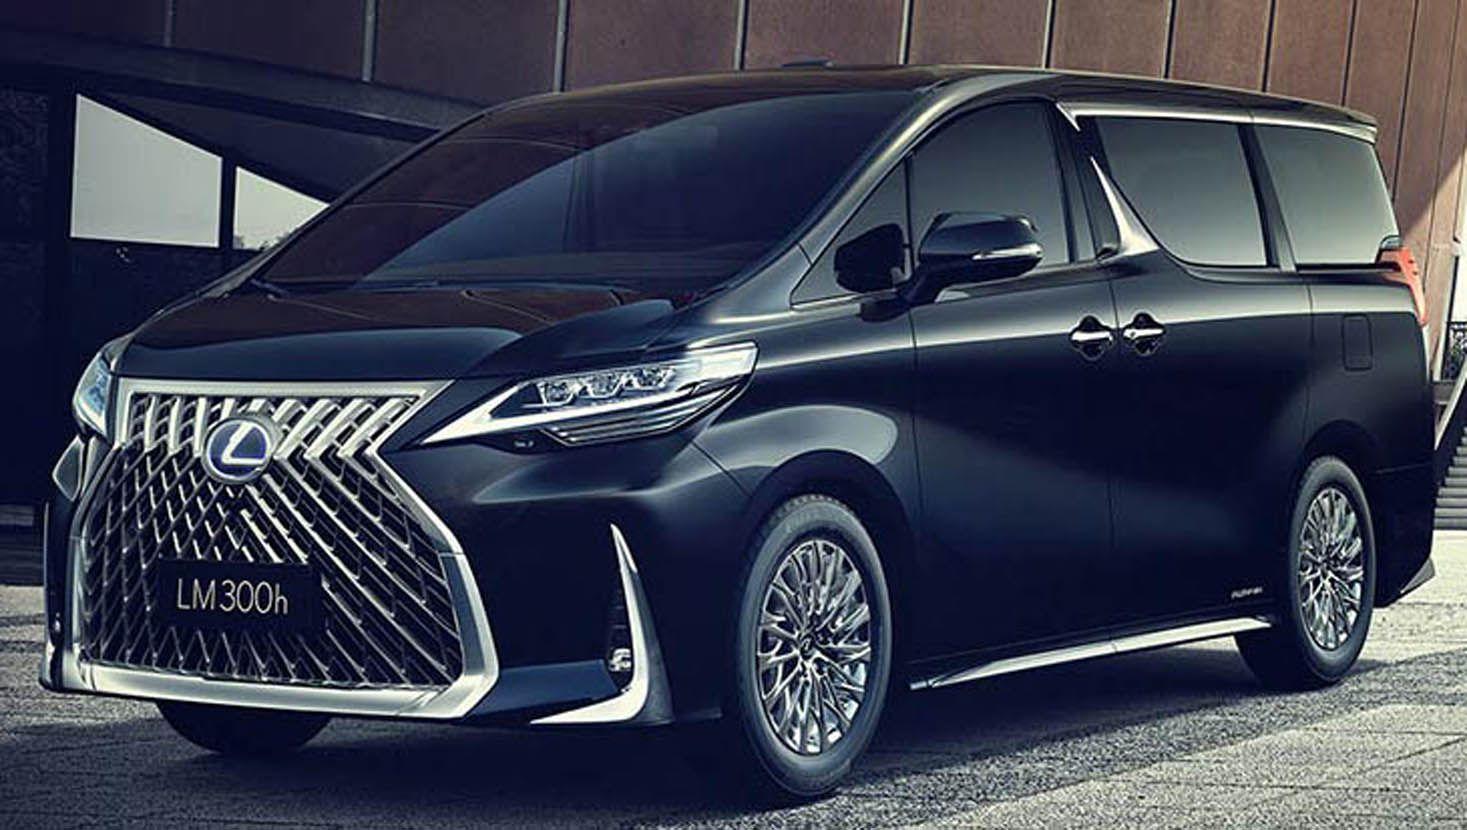 لكزس أل أم الجديدة بالكامل الميني فان الأولى الفاخرة من الشركة اليابانية موقع ويلز Mini Van Lexus Toyota Alphard